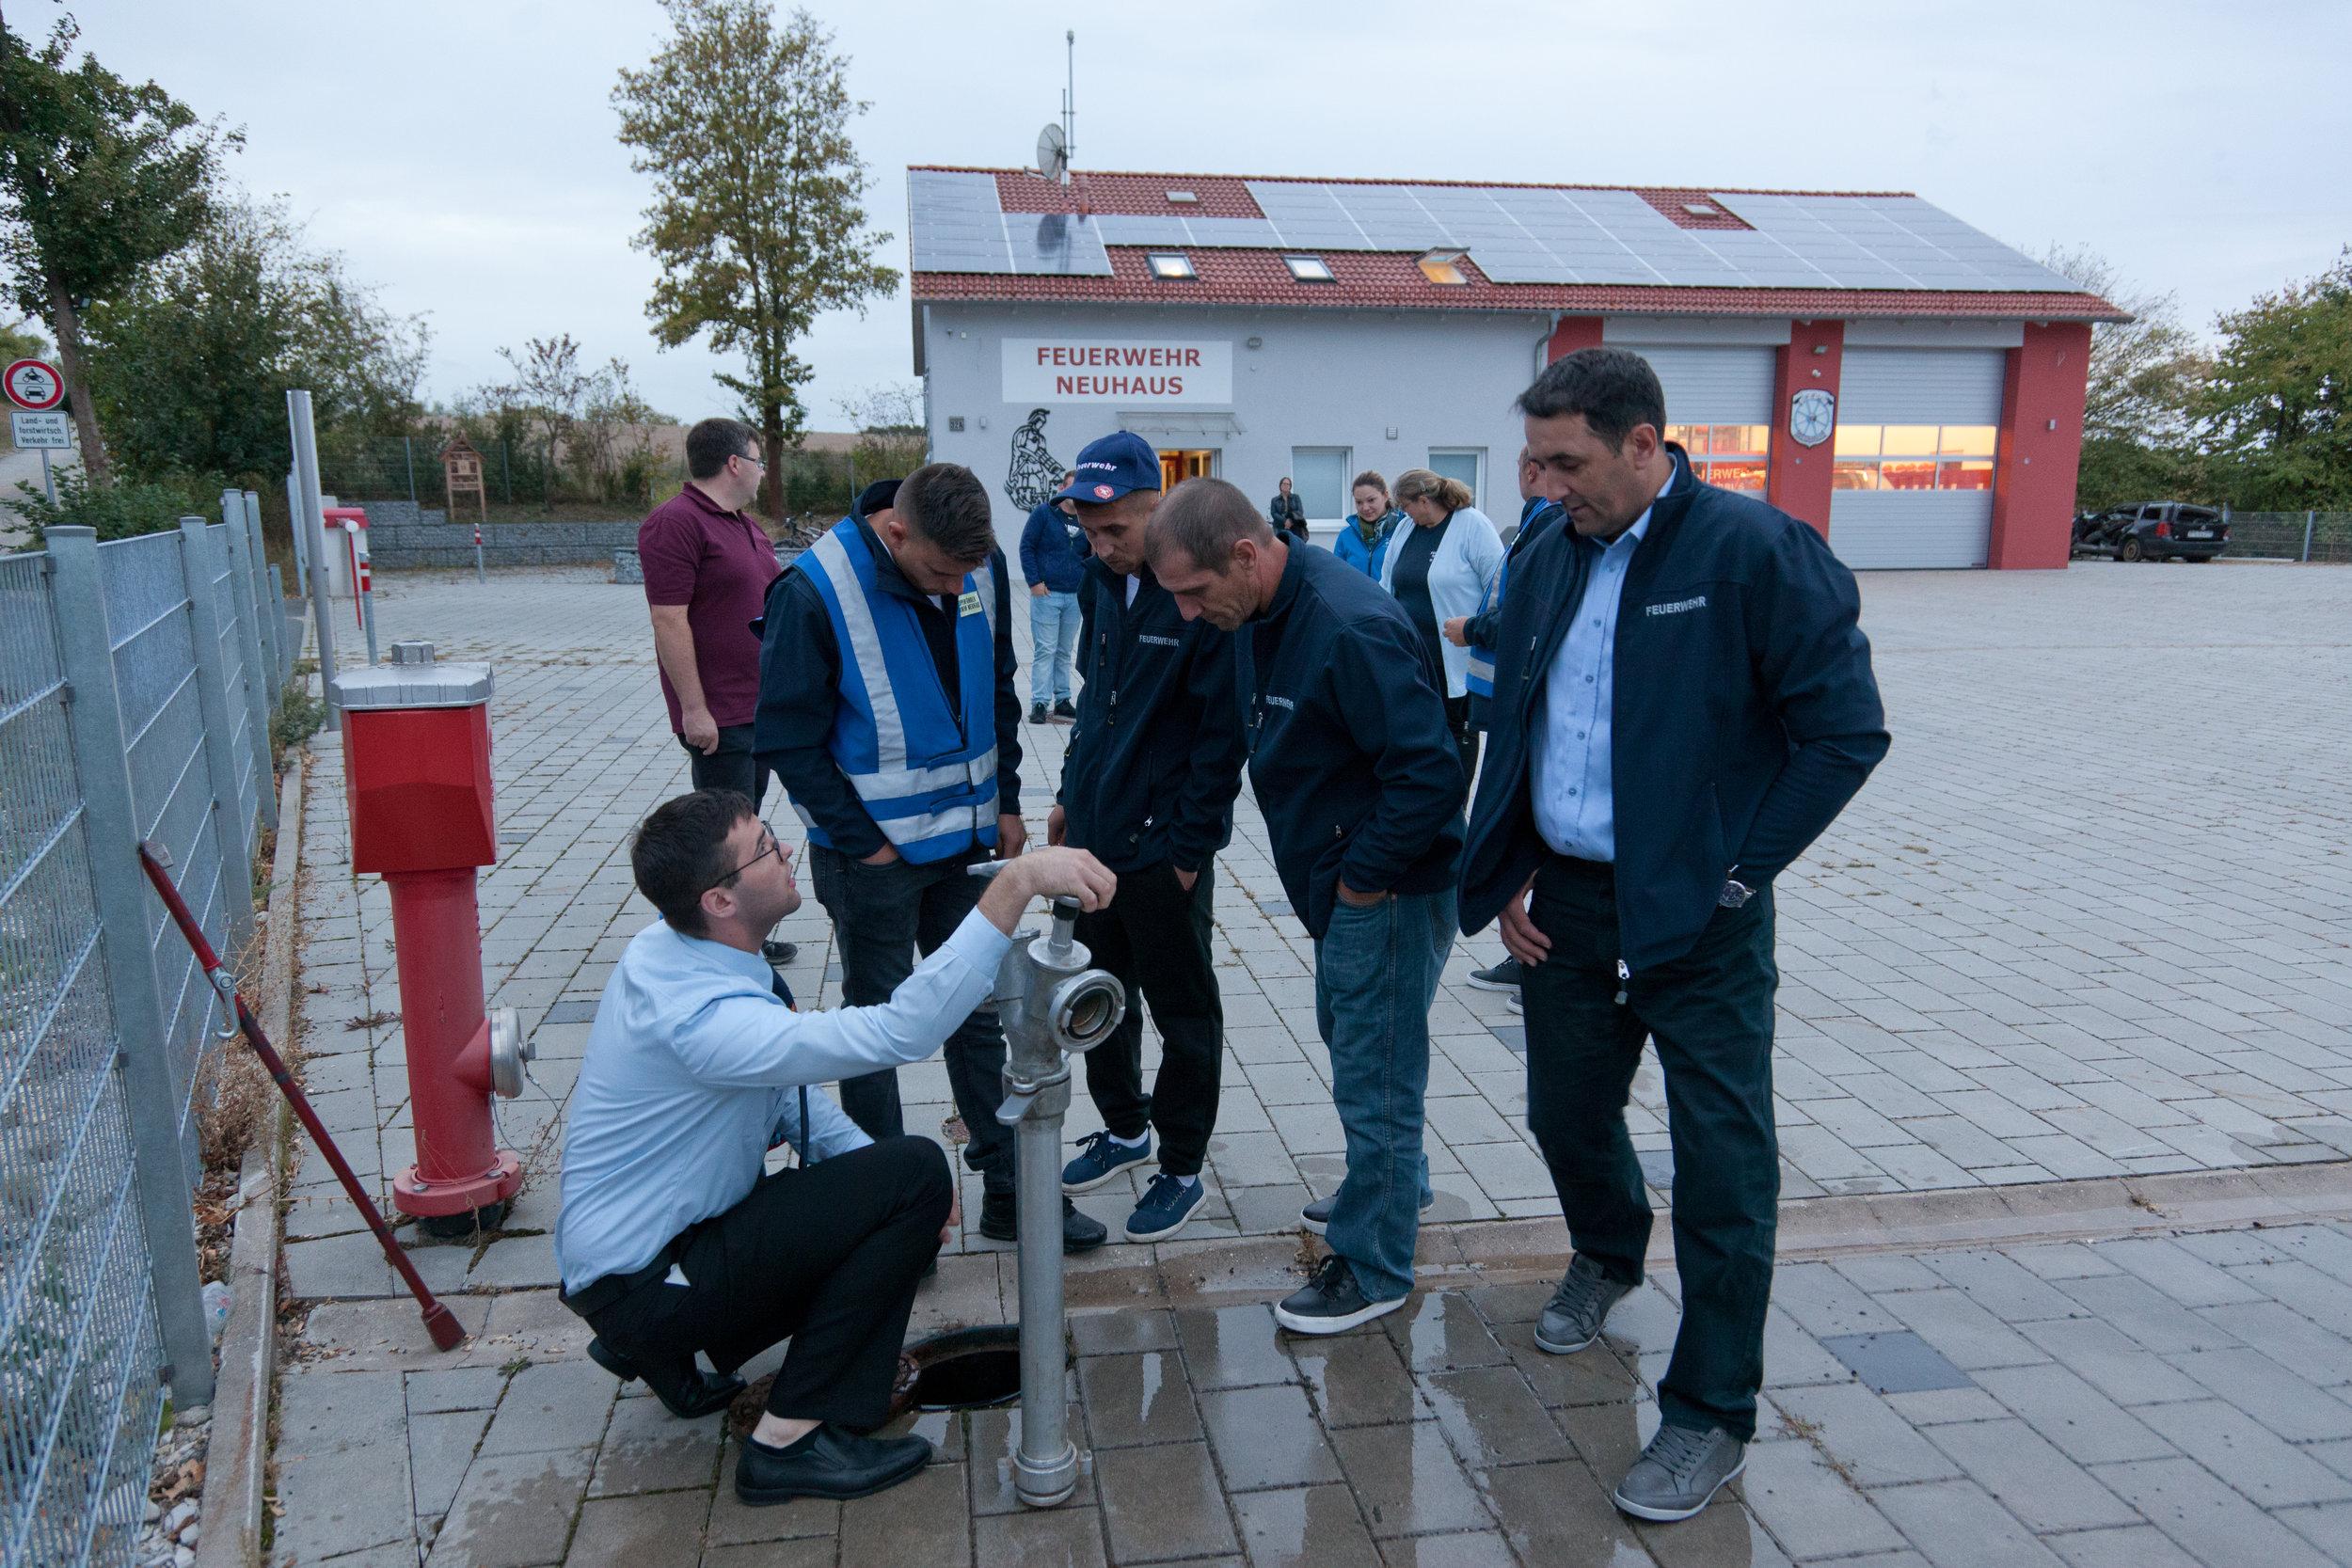 2018_09_22_Feuerwehr_Neuhaus_Anina_094.jpg